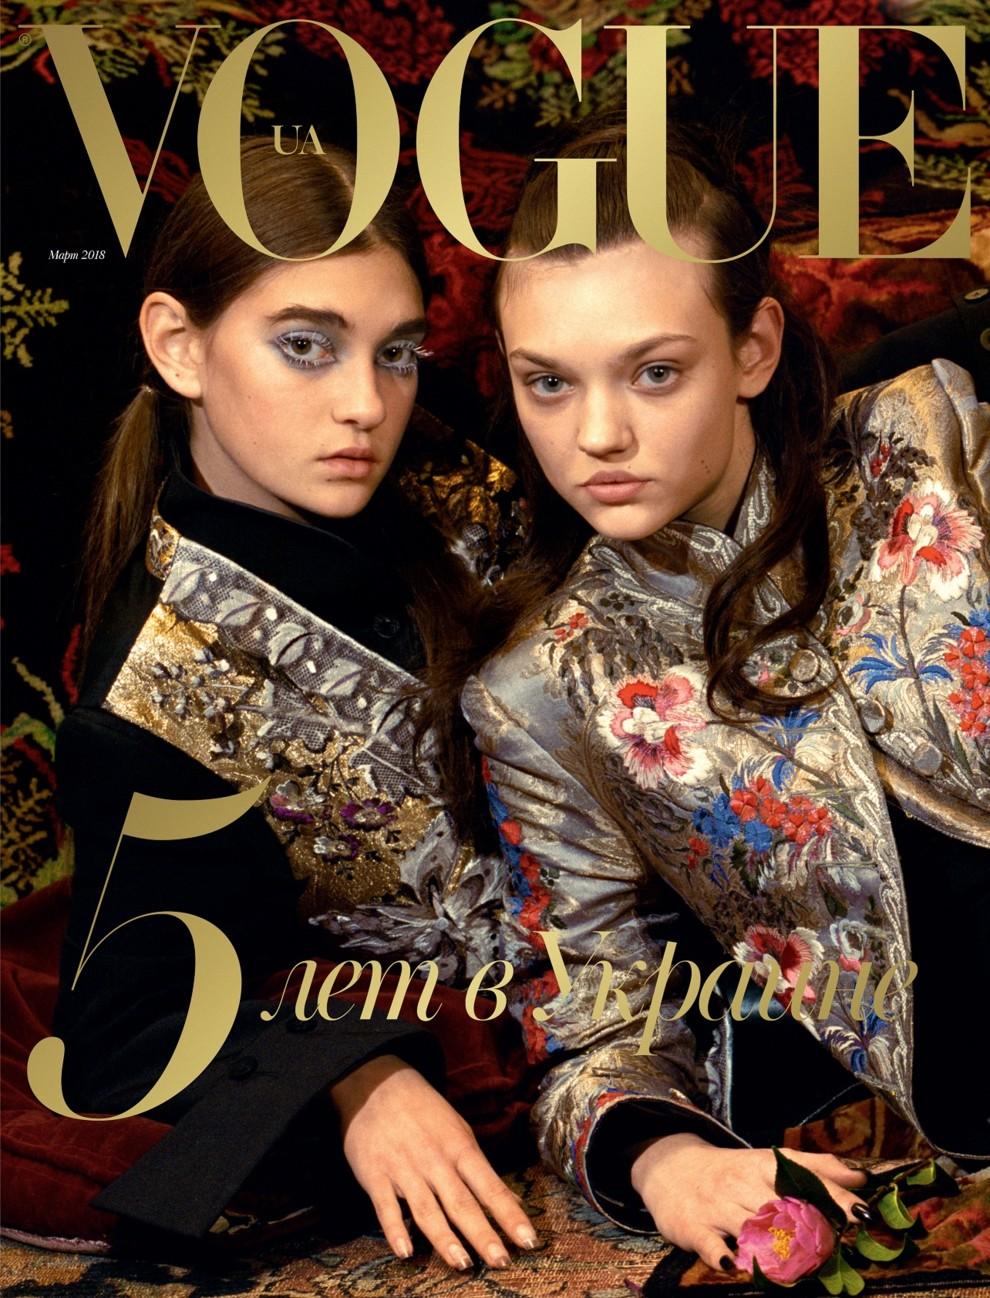 bdd92ccb53c9 Vogue UA представляет юбилейный номер  март 2018   Vogue Ukraine